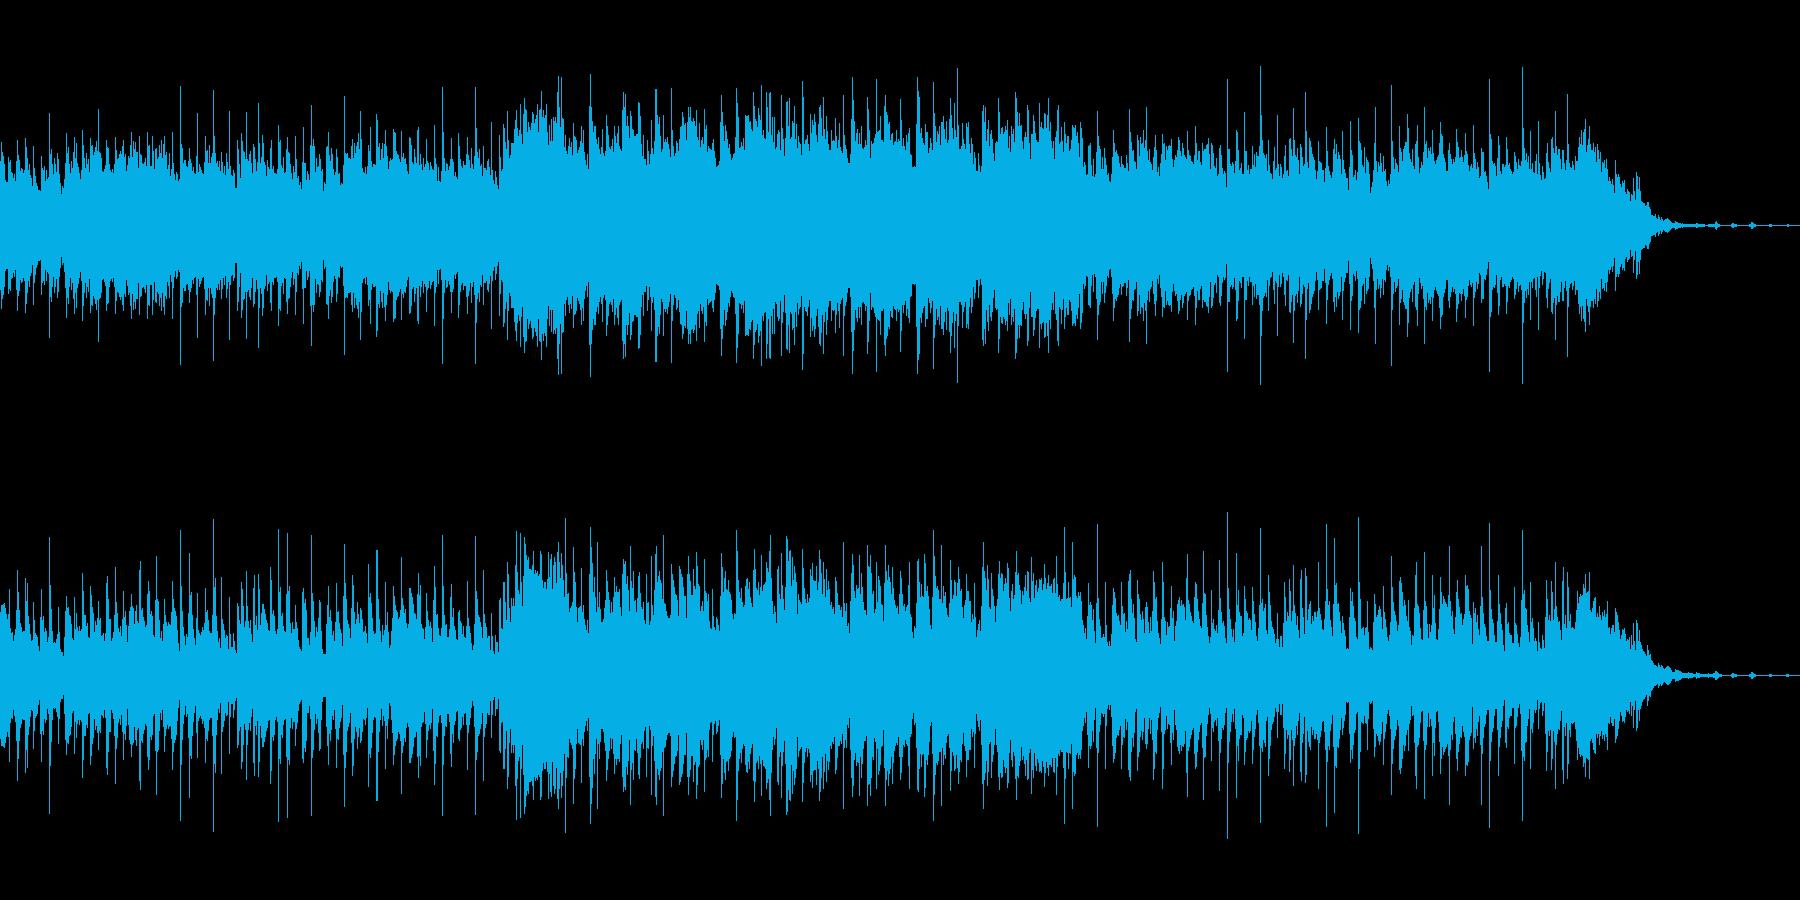 爽やかなCMにぴったりな生演奏アコギ曲の再生済みの波形